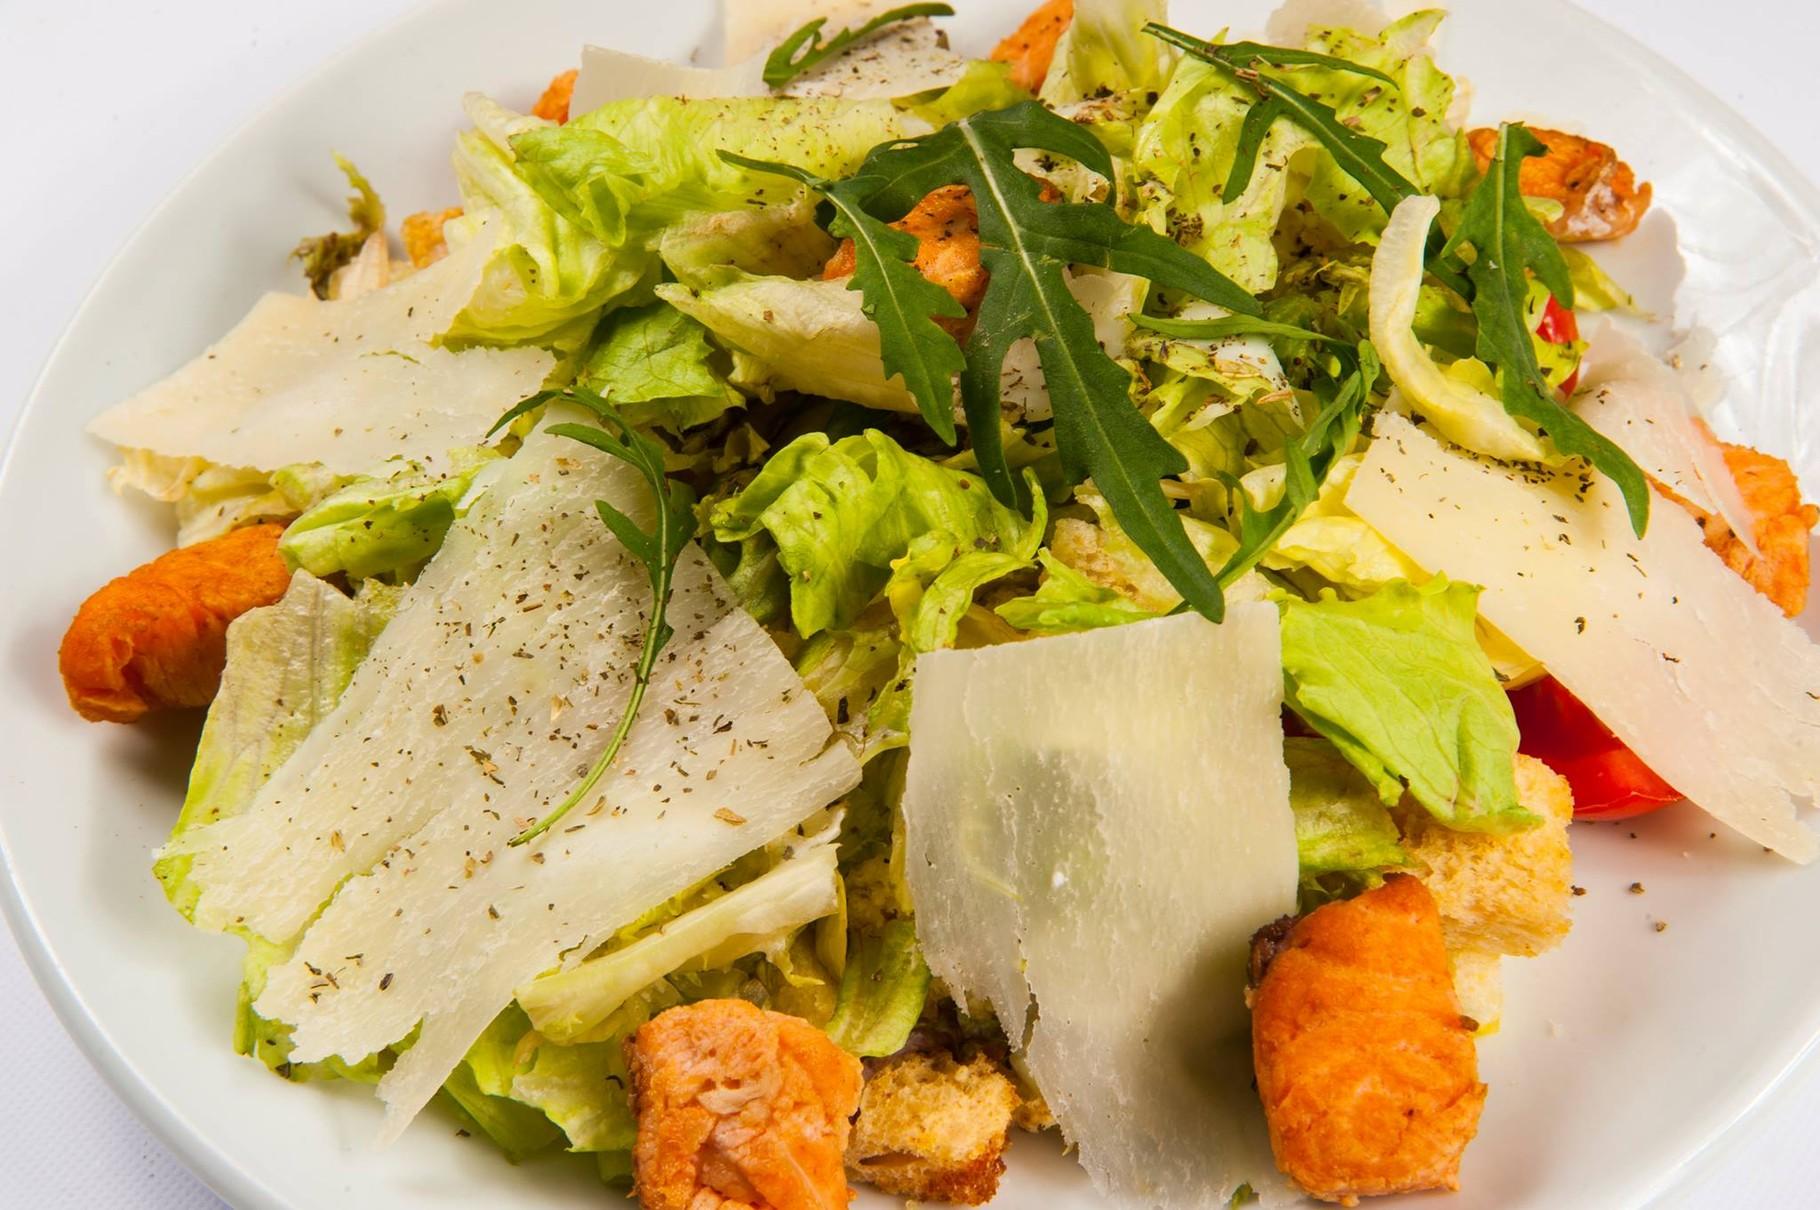 """Мікс листя салату з підкопченим лососем, апельсинами, заправлений бальзамічно-гірчичним соусом/  280гр.  96.00грн.  Фірмова страва ресторану """"Стейк Хаус"""" м. Хмельницький"""